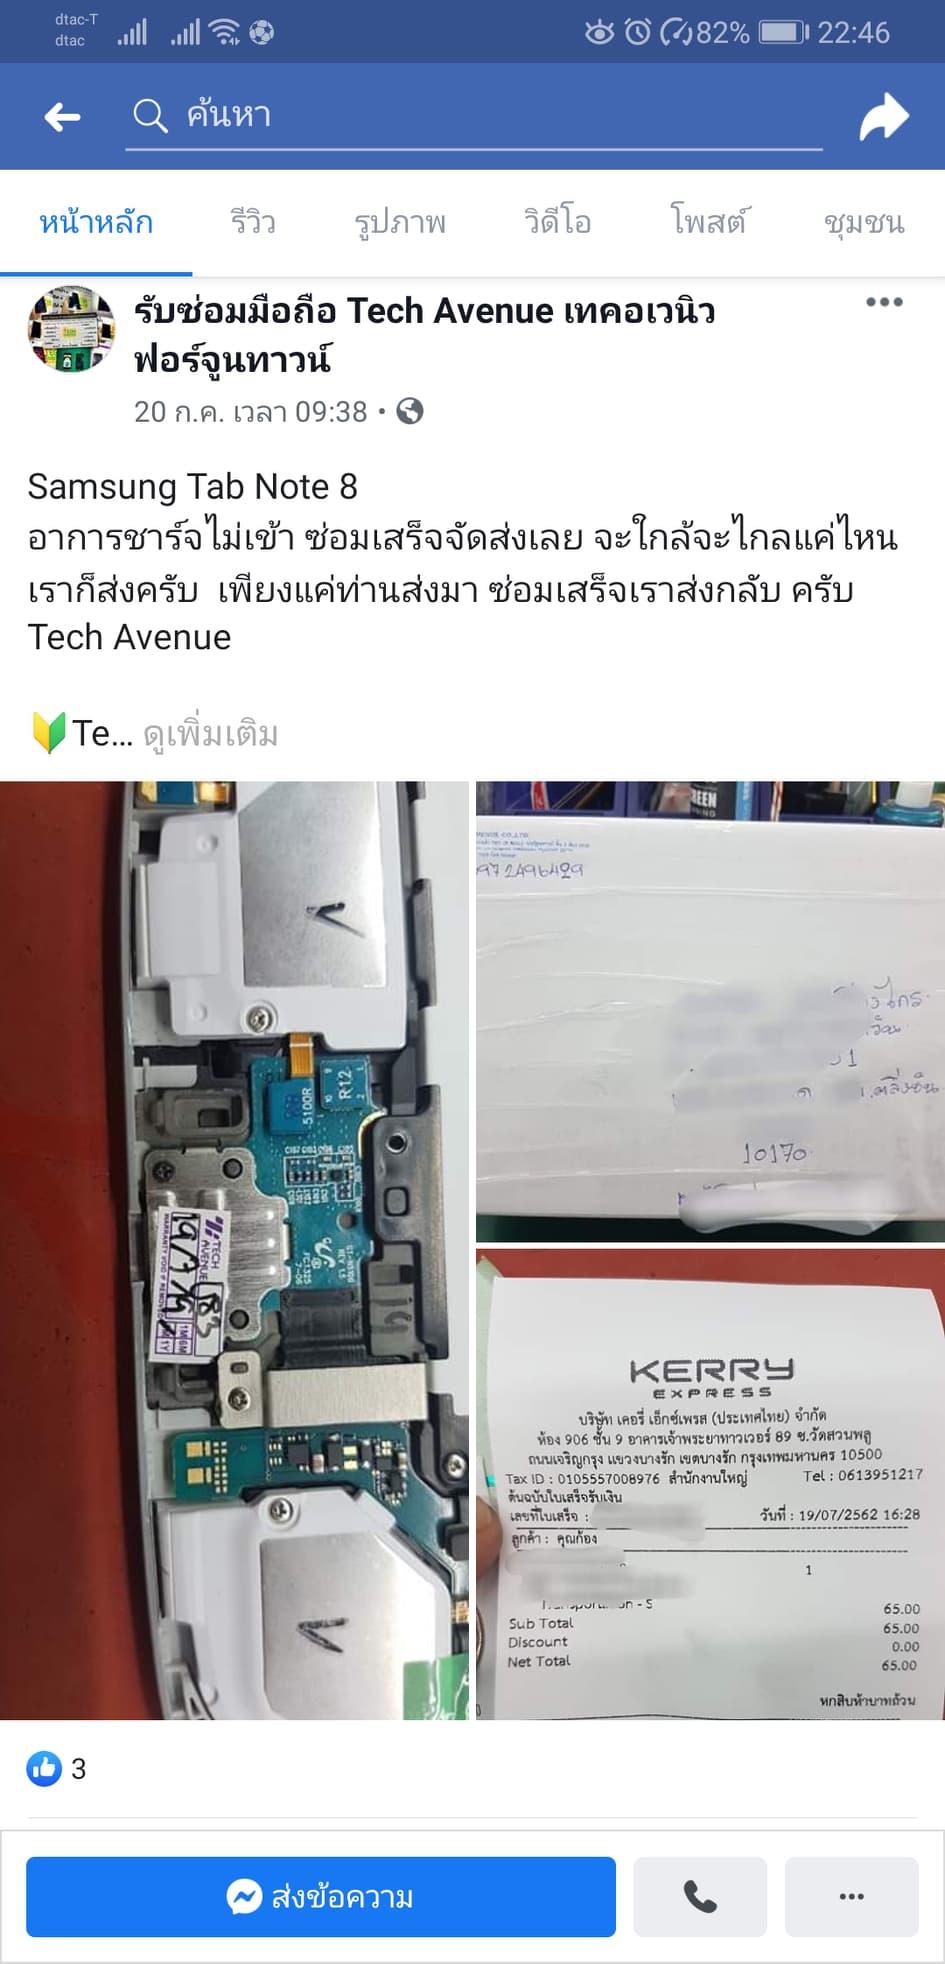 ซ่อมมือถือ แถว มหาวิทยาลัยศรีนครินทรวิโรฒ มศว ร้านไหนดี บริการซ่อมดีที่สุด 🏆 ศูนย์ซ่อม โทรศัพท์มือถือ ✅ Notebook ที่ดีที่สุด 🥇